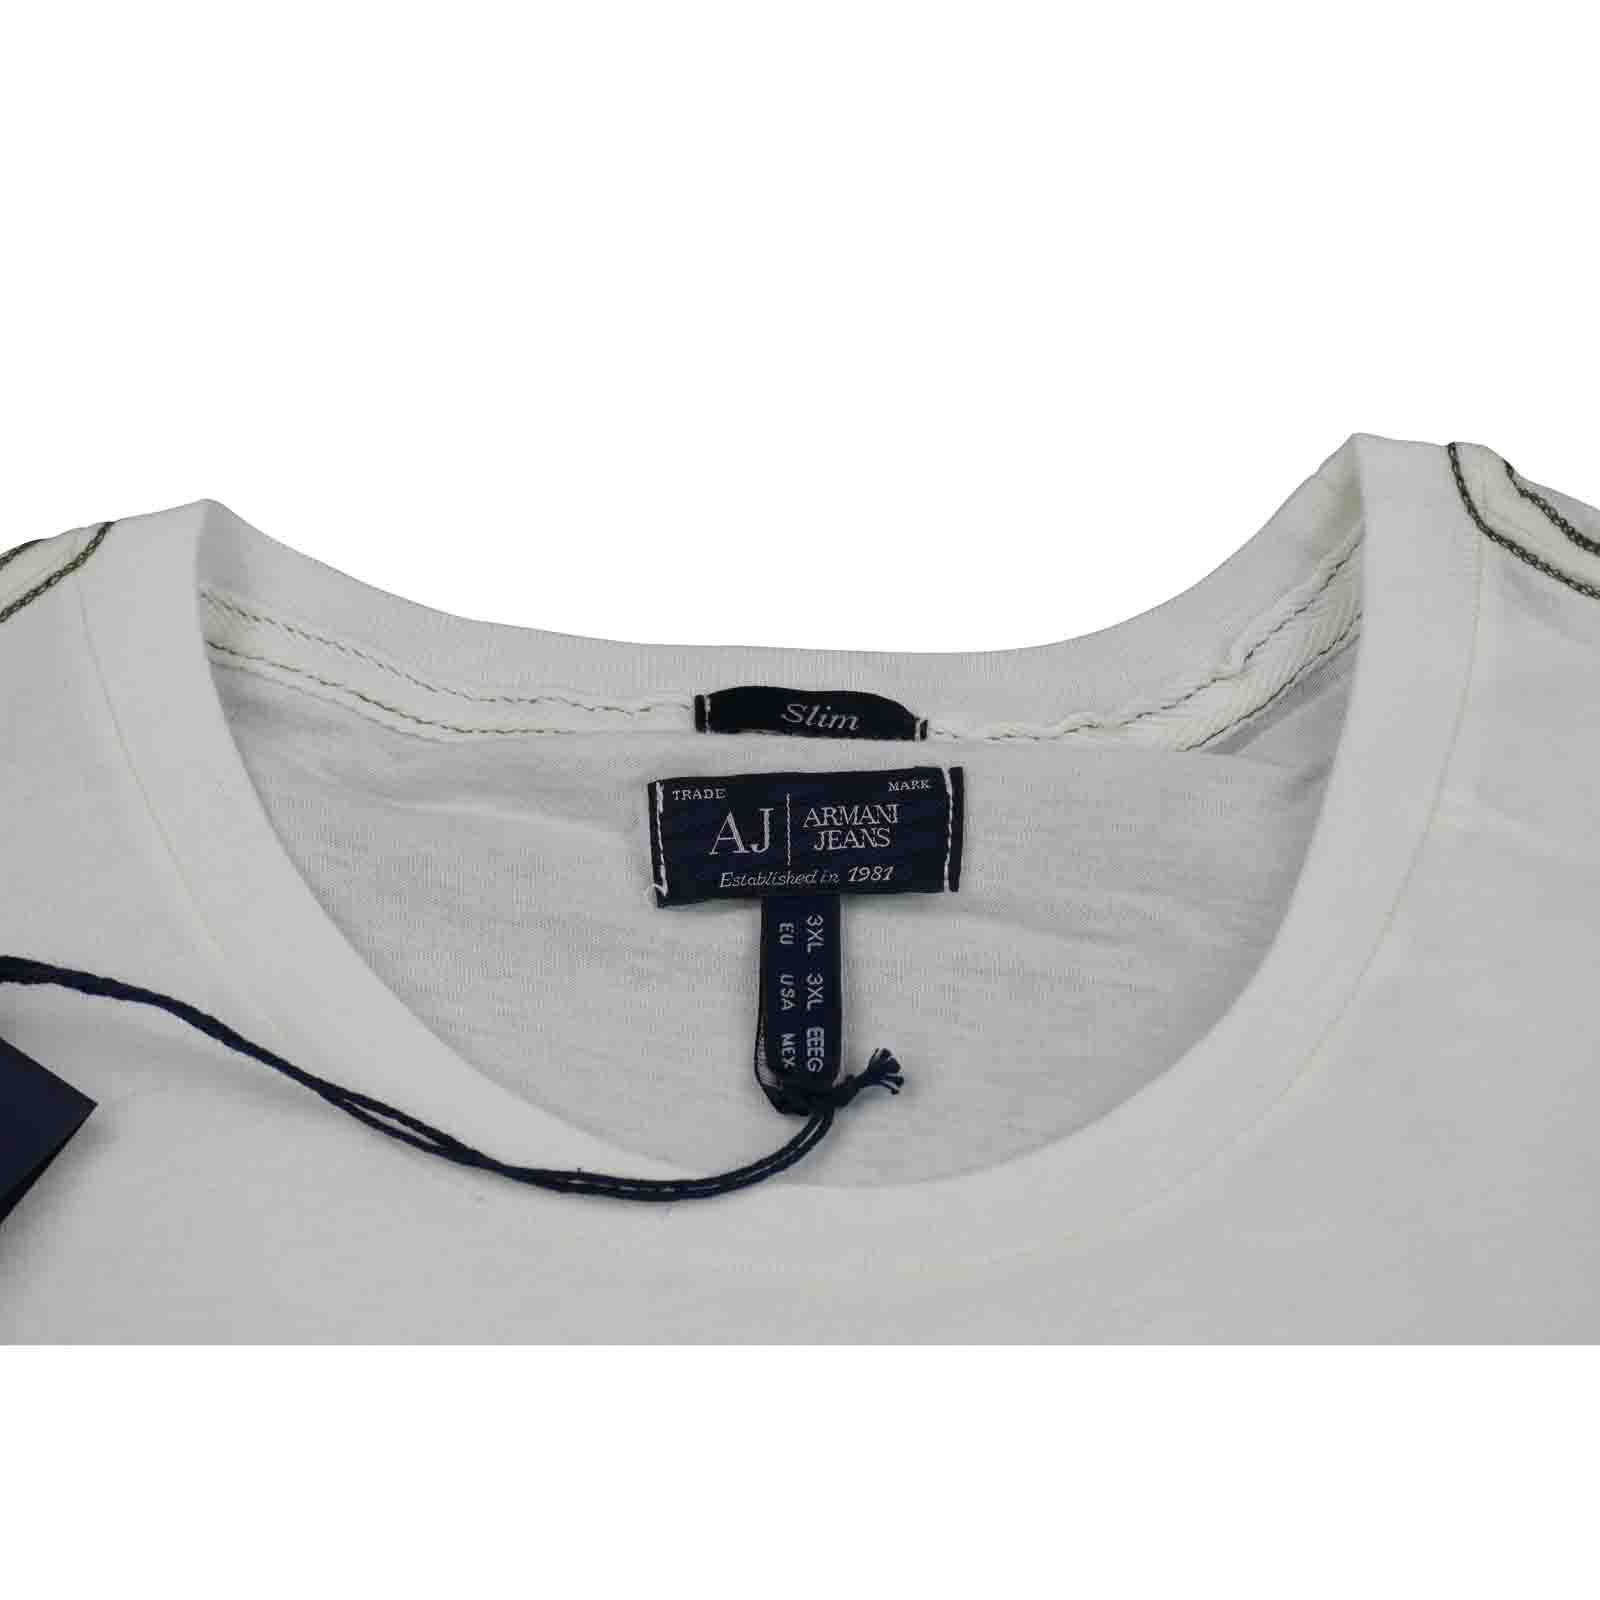 ARMANI Jeans Da Uomo Bianco H/S T-Shirt-taglia & S, XXL & T-Shirt-taglia XXXL nuova con etichetta 100% AUTENTICO 415c25